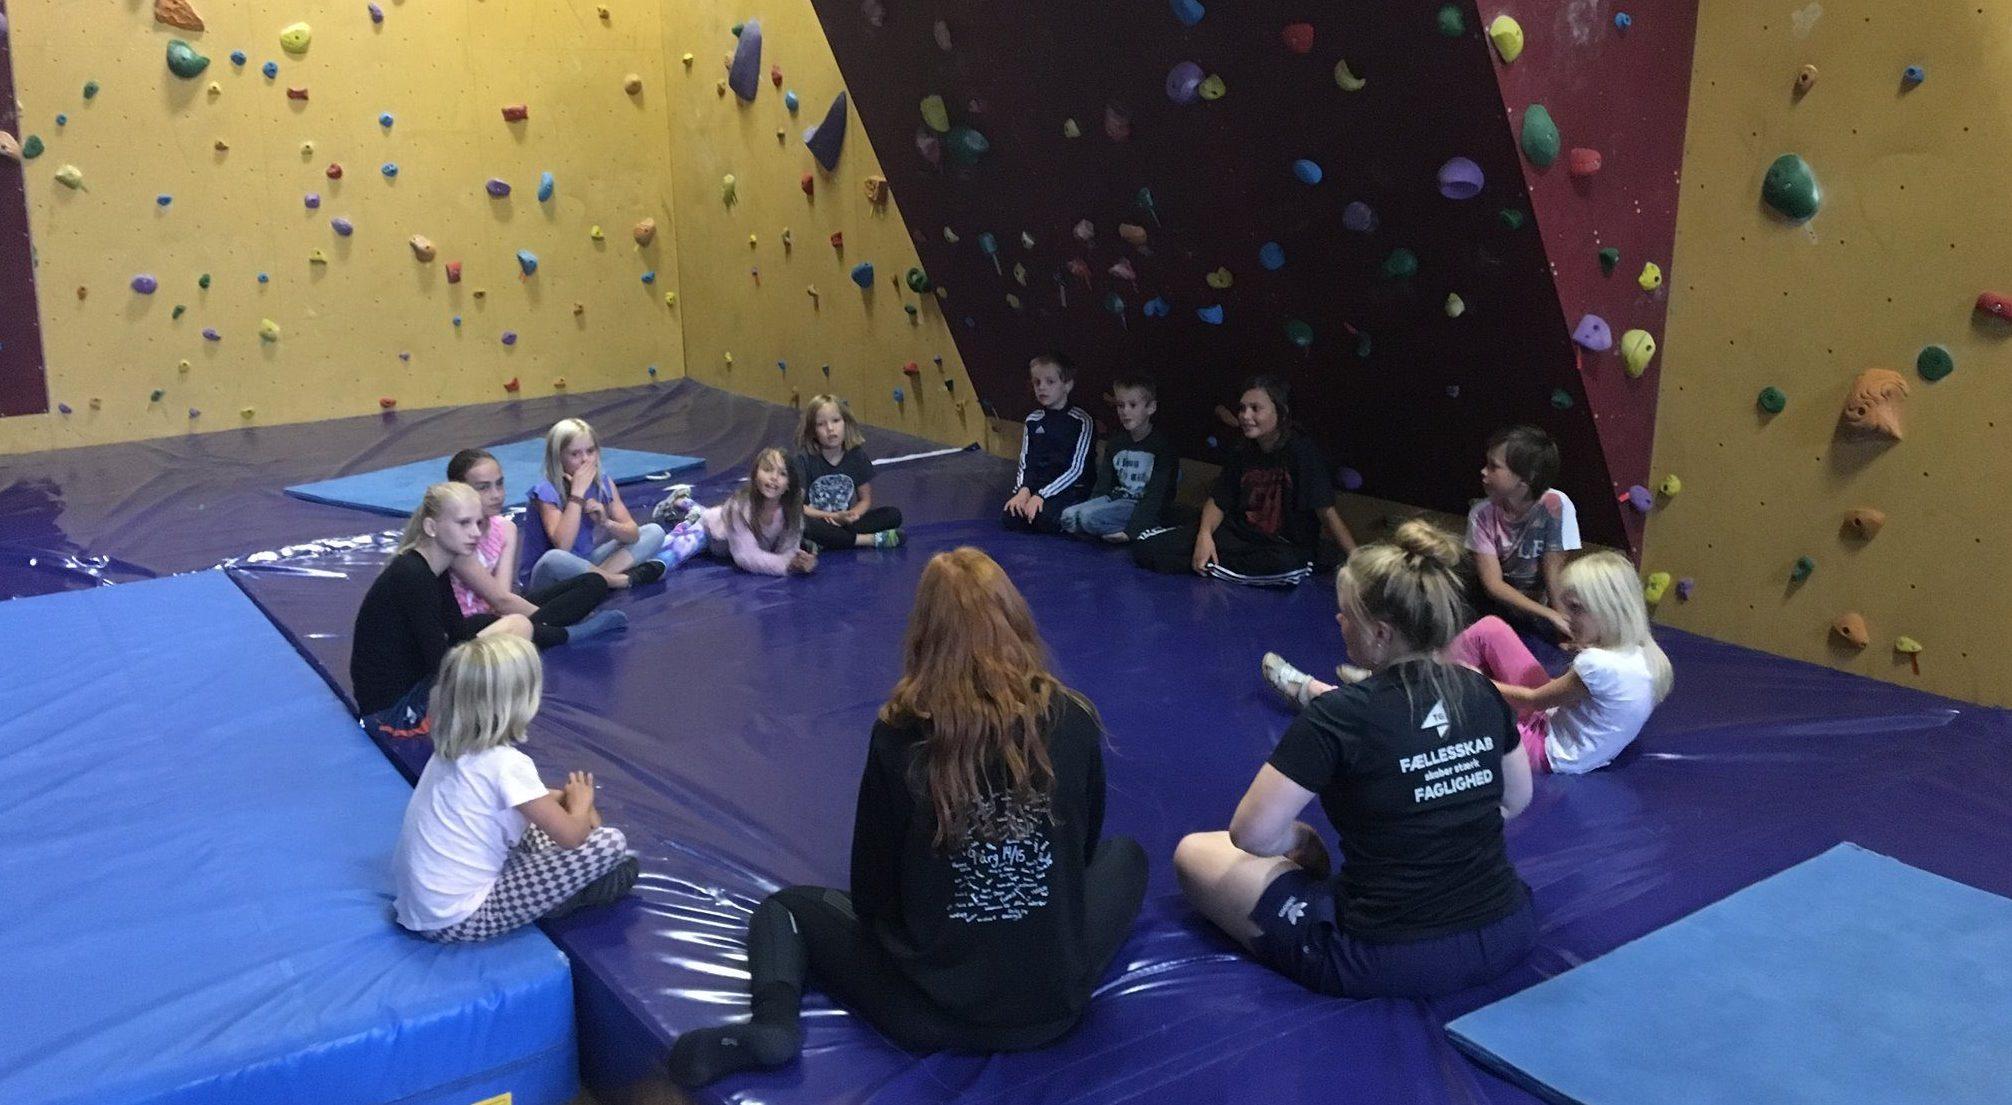 Børneklatring og træning er en kæmpe succes!